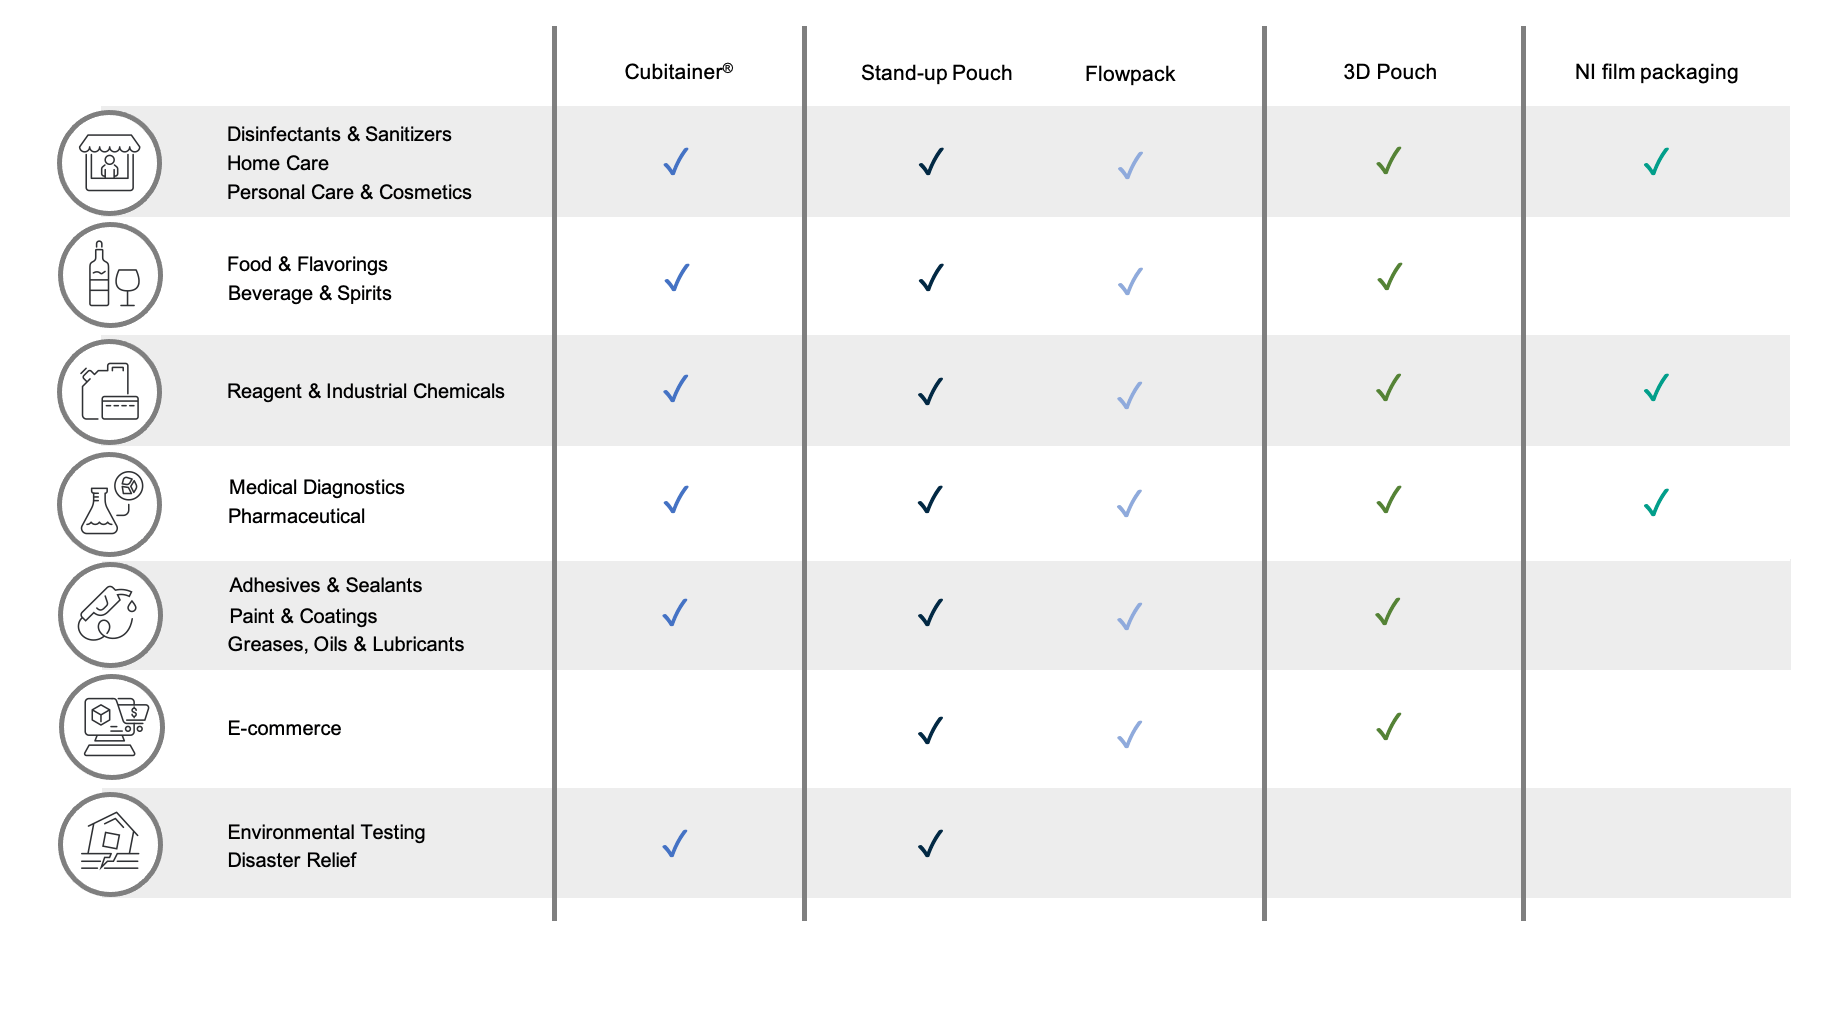 Product Application Comparison